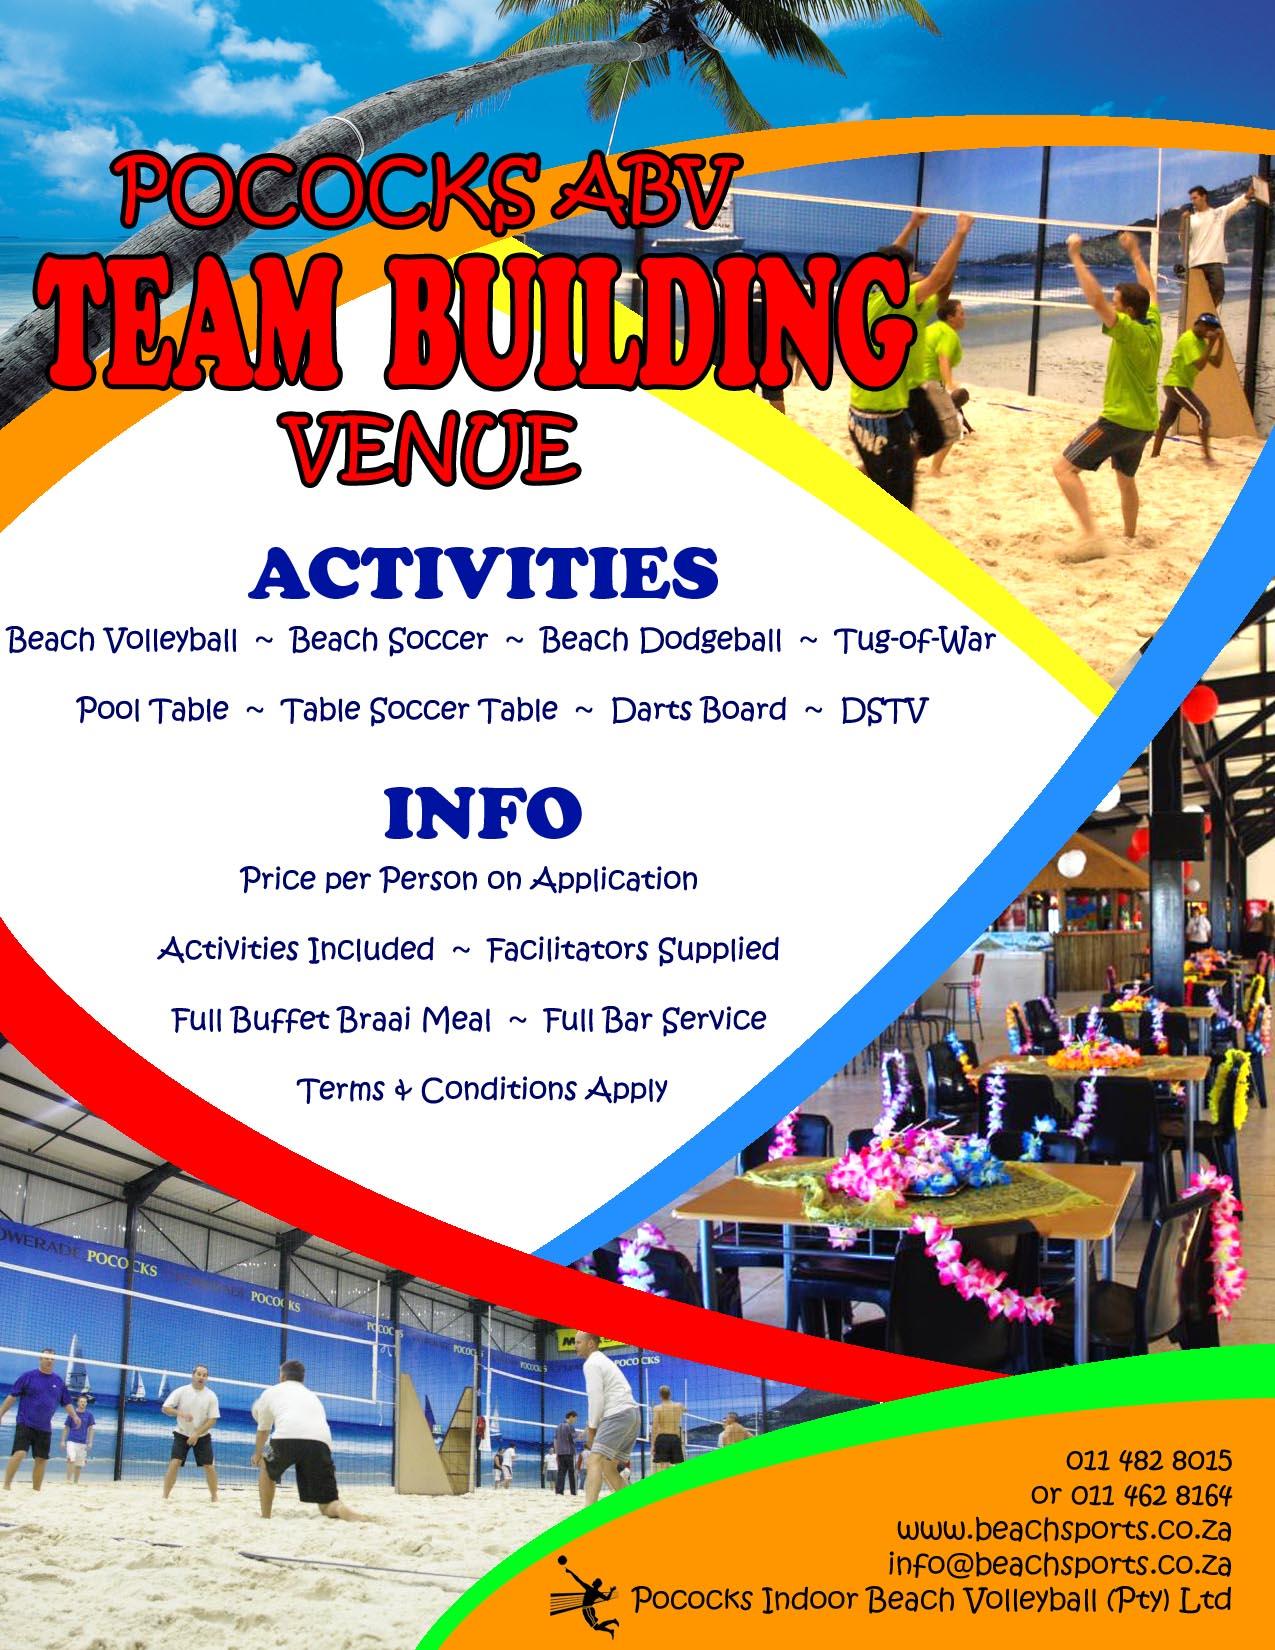 Team Building Events Venue | Pococks Indoor Beach Volleyball